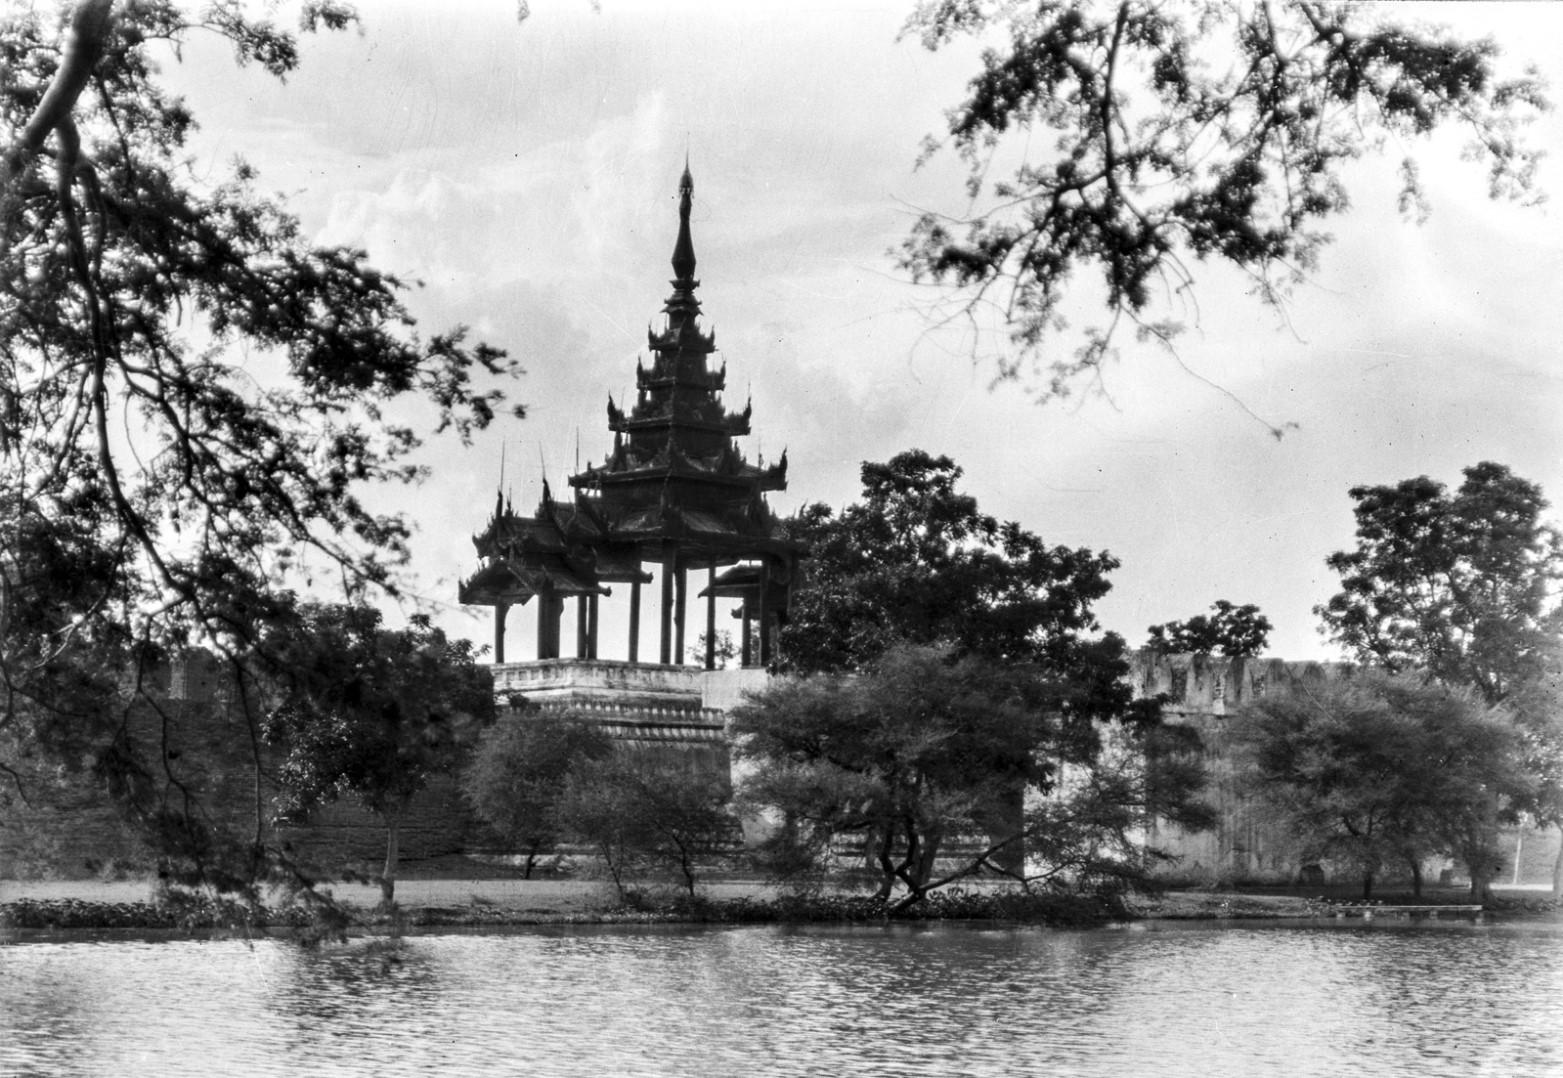 858. Мандалай. Королевский дворец. Вид пагоды с мостом